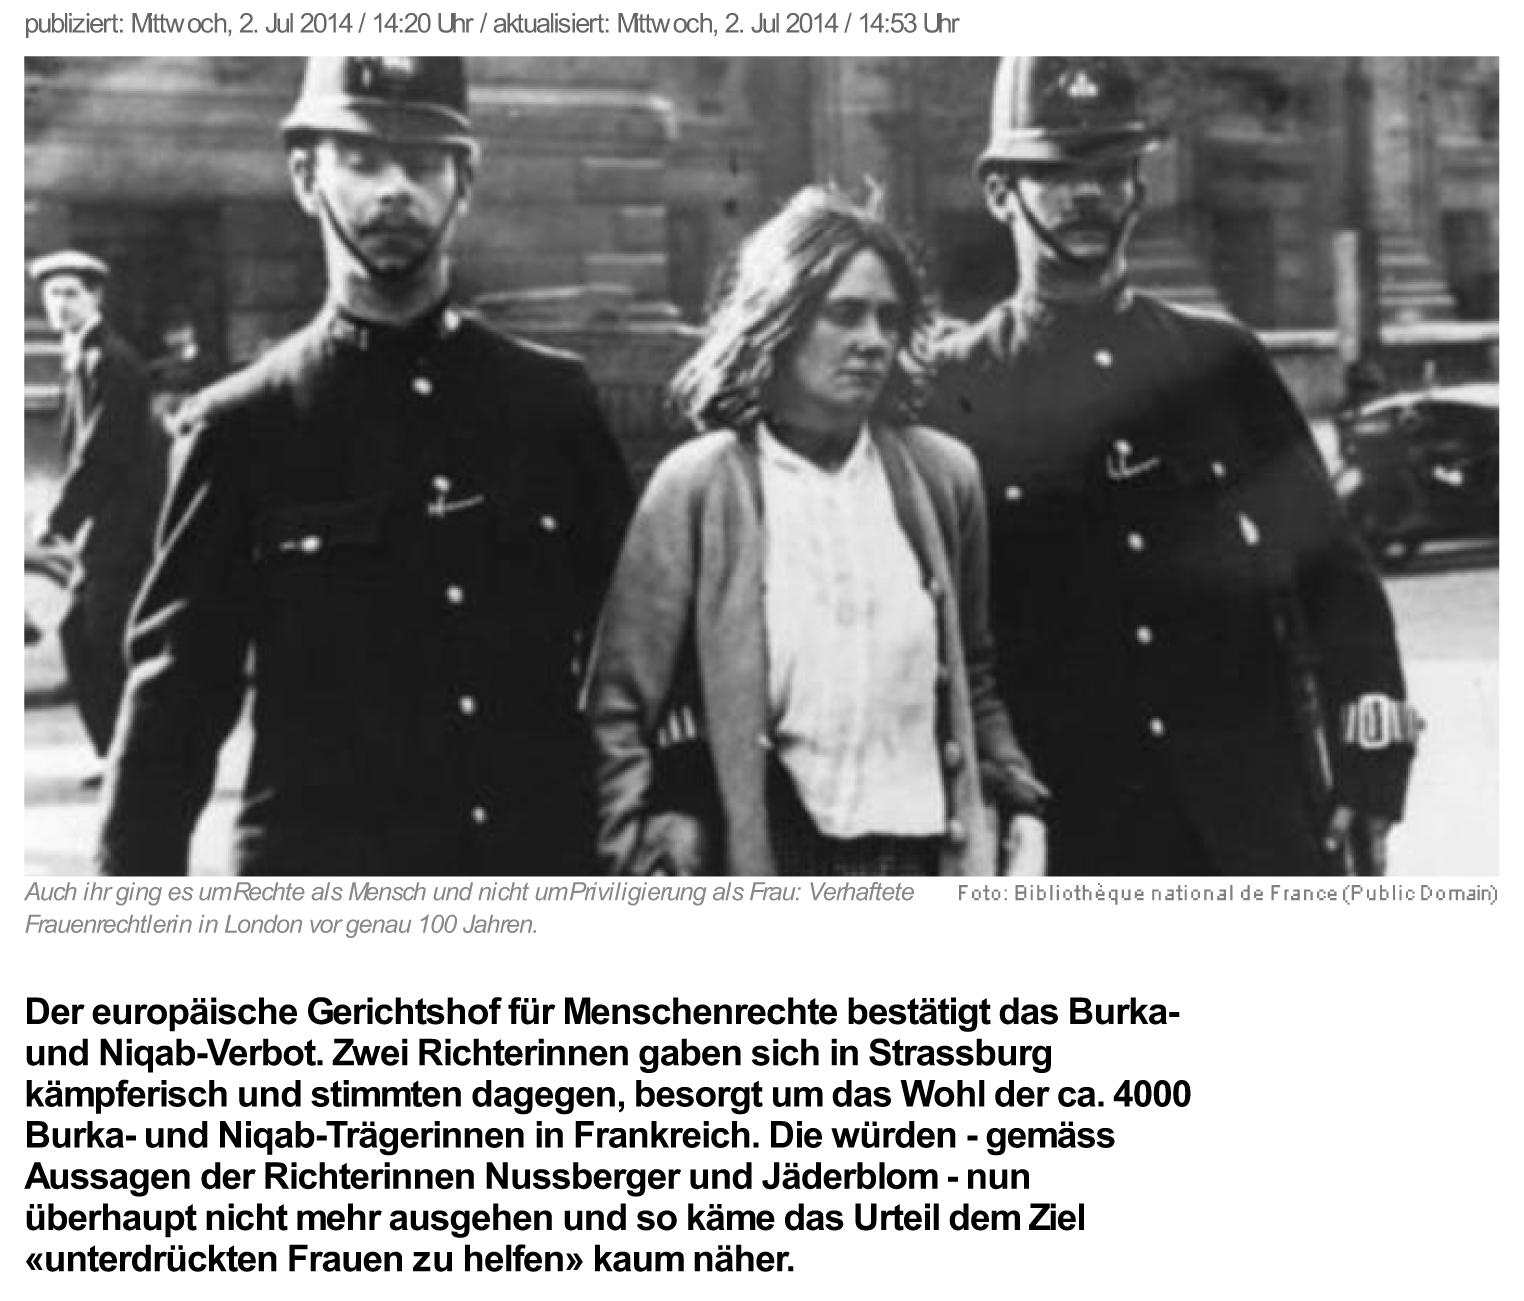 news.ch - (Un)Sichtbarkeit von Frauen. Von Regula Stämpfli - Ds